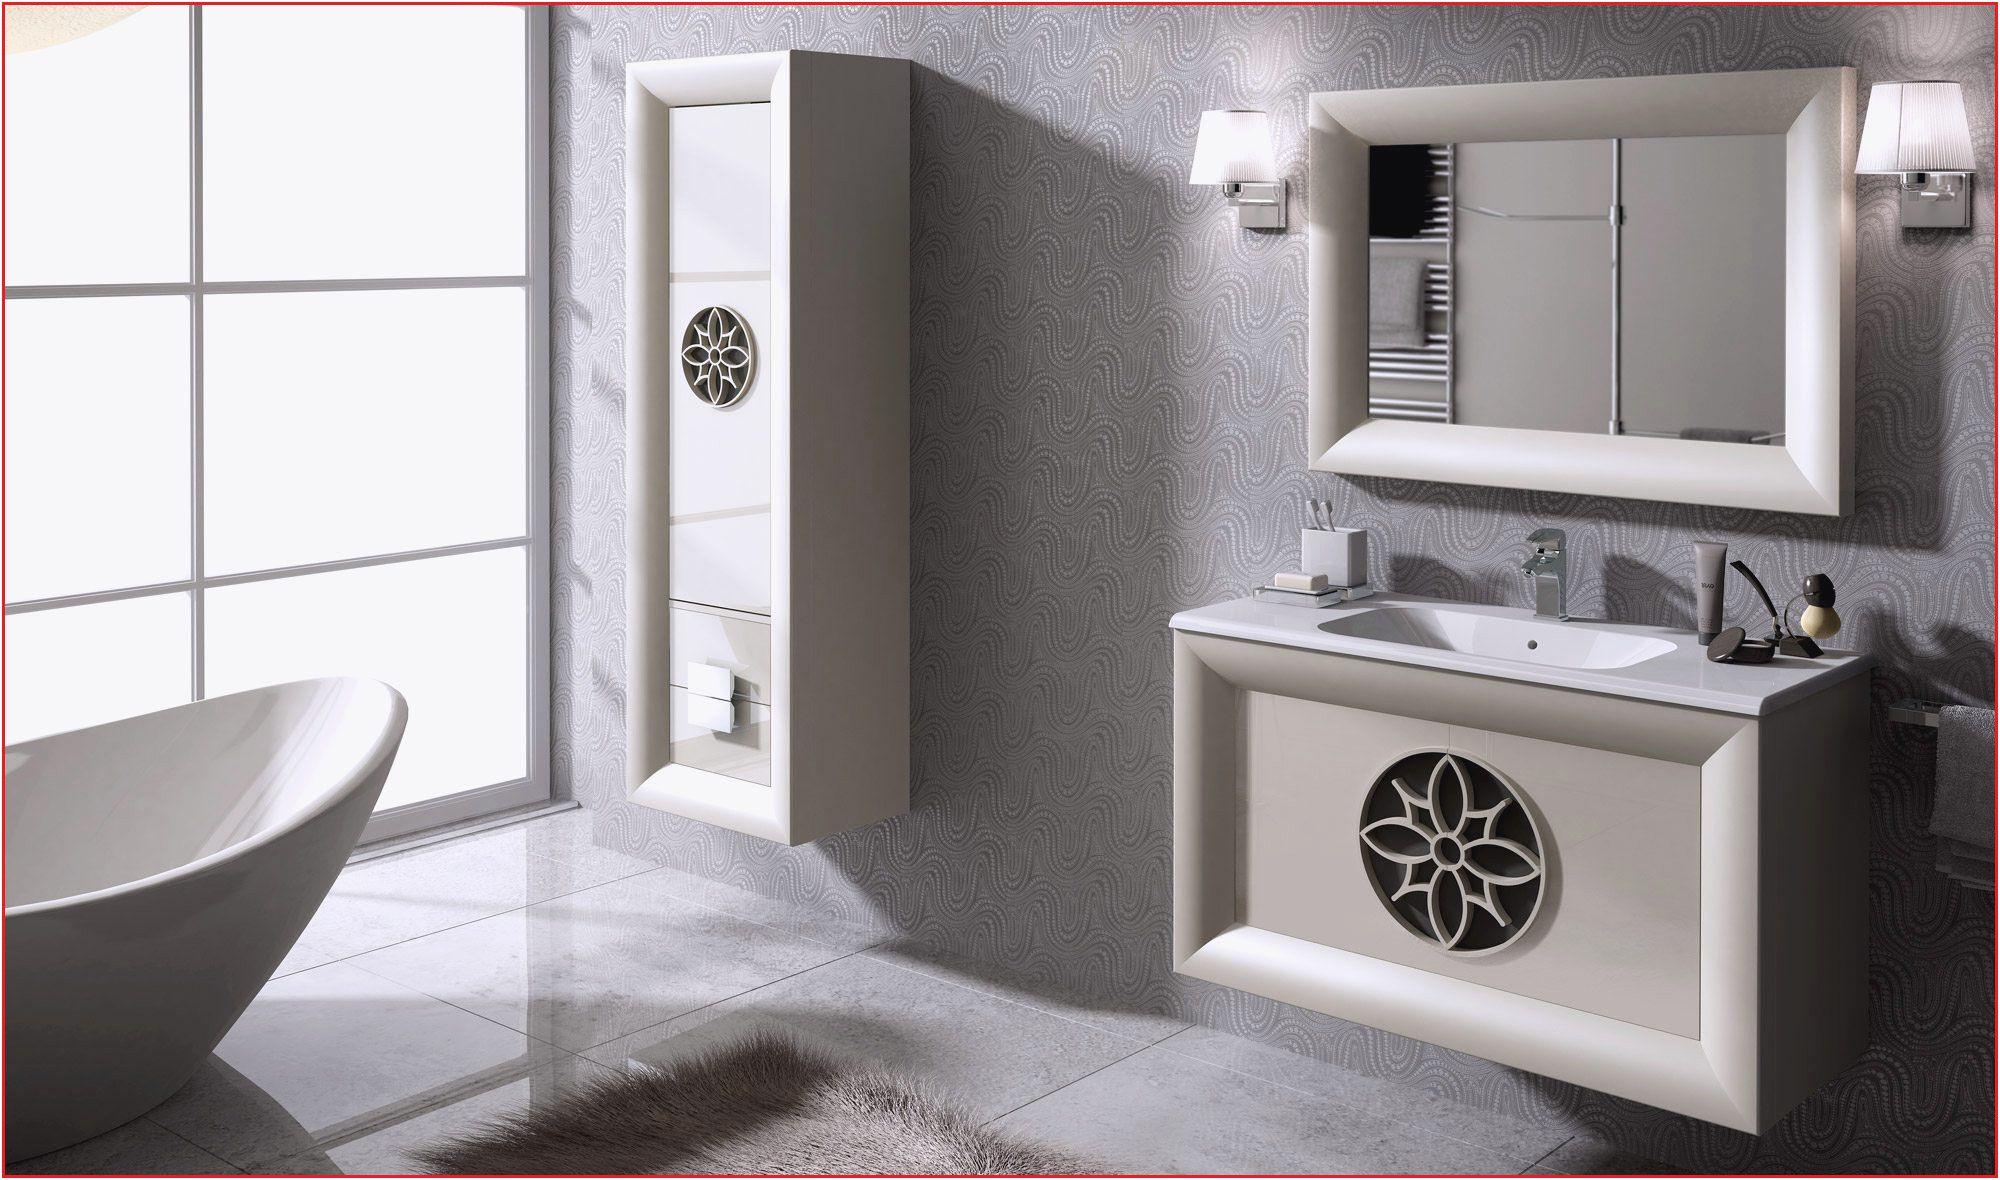 Muebles De Bano Con Dos Lavabos 3id6 Lavabos Baa O Baratos Muebles